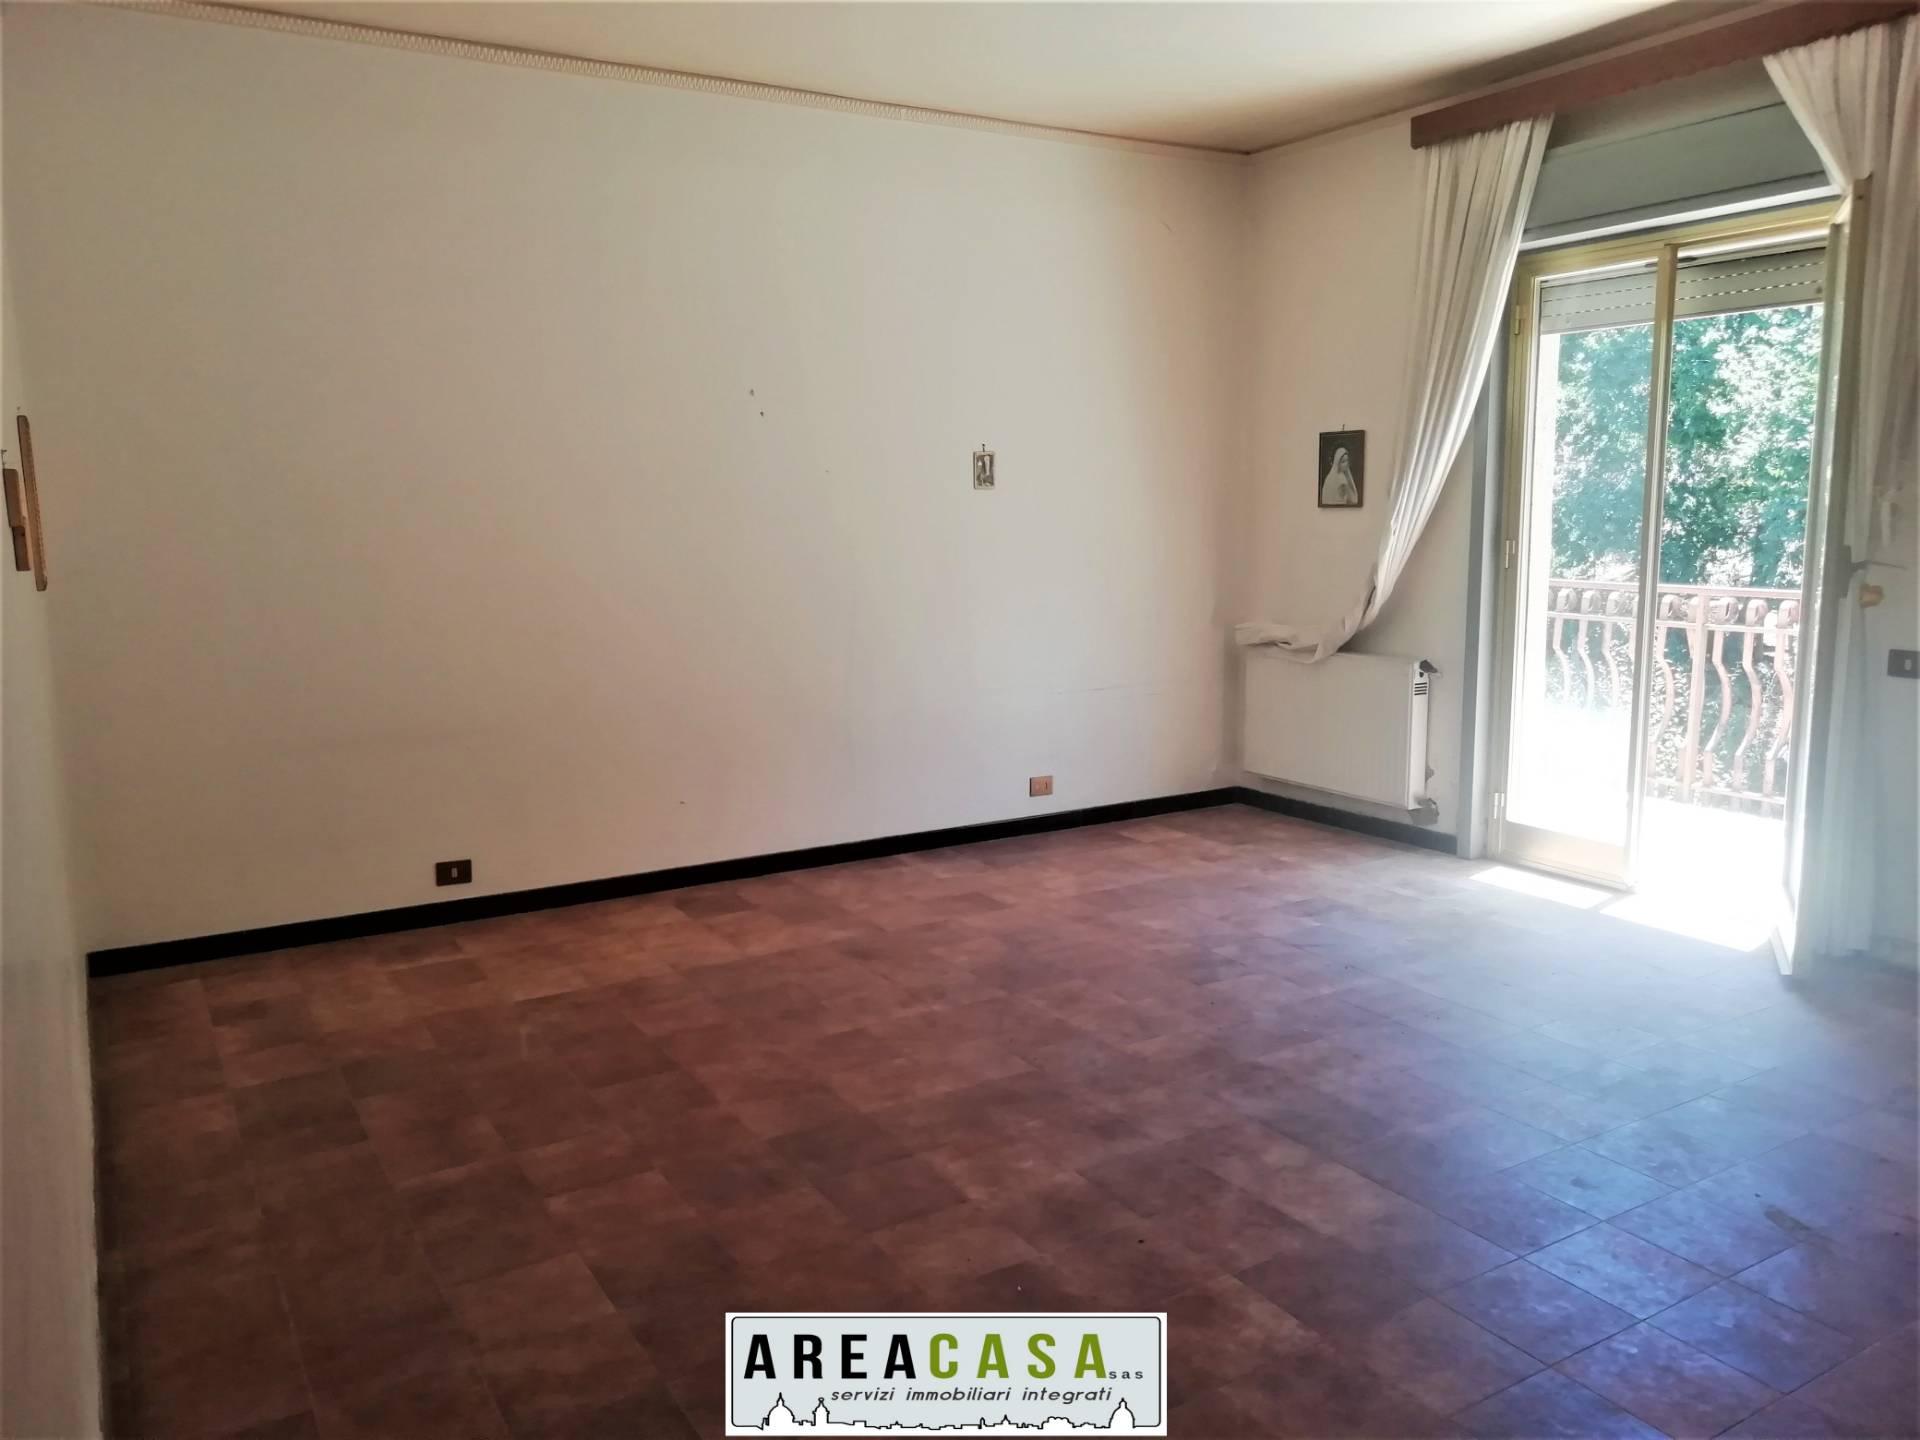 Appartamento in vendita a Torretta, 5 locali, prezzo € 120.000   PortaleAgenzieImmobiliari.it